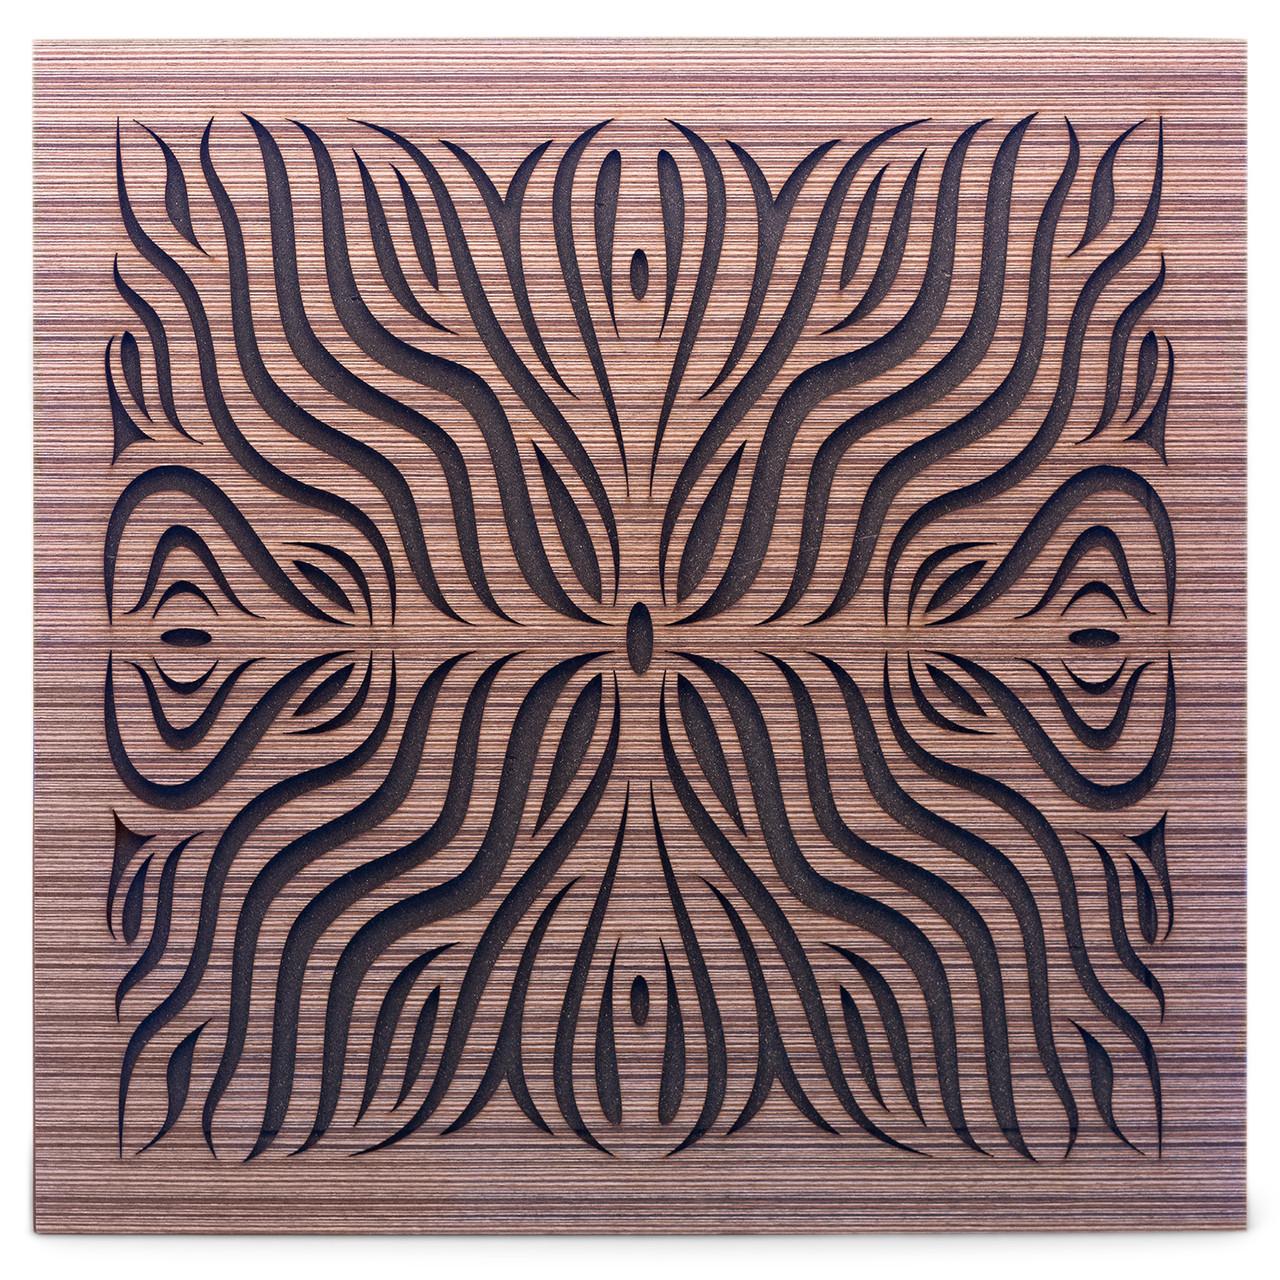 Акустическая панель Ecosound Chimera F Venge Contrast 50x50см 73мм Цвет коричневый в полоску